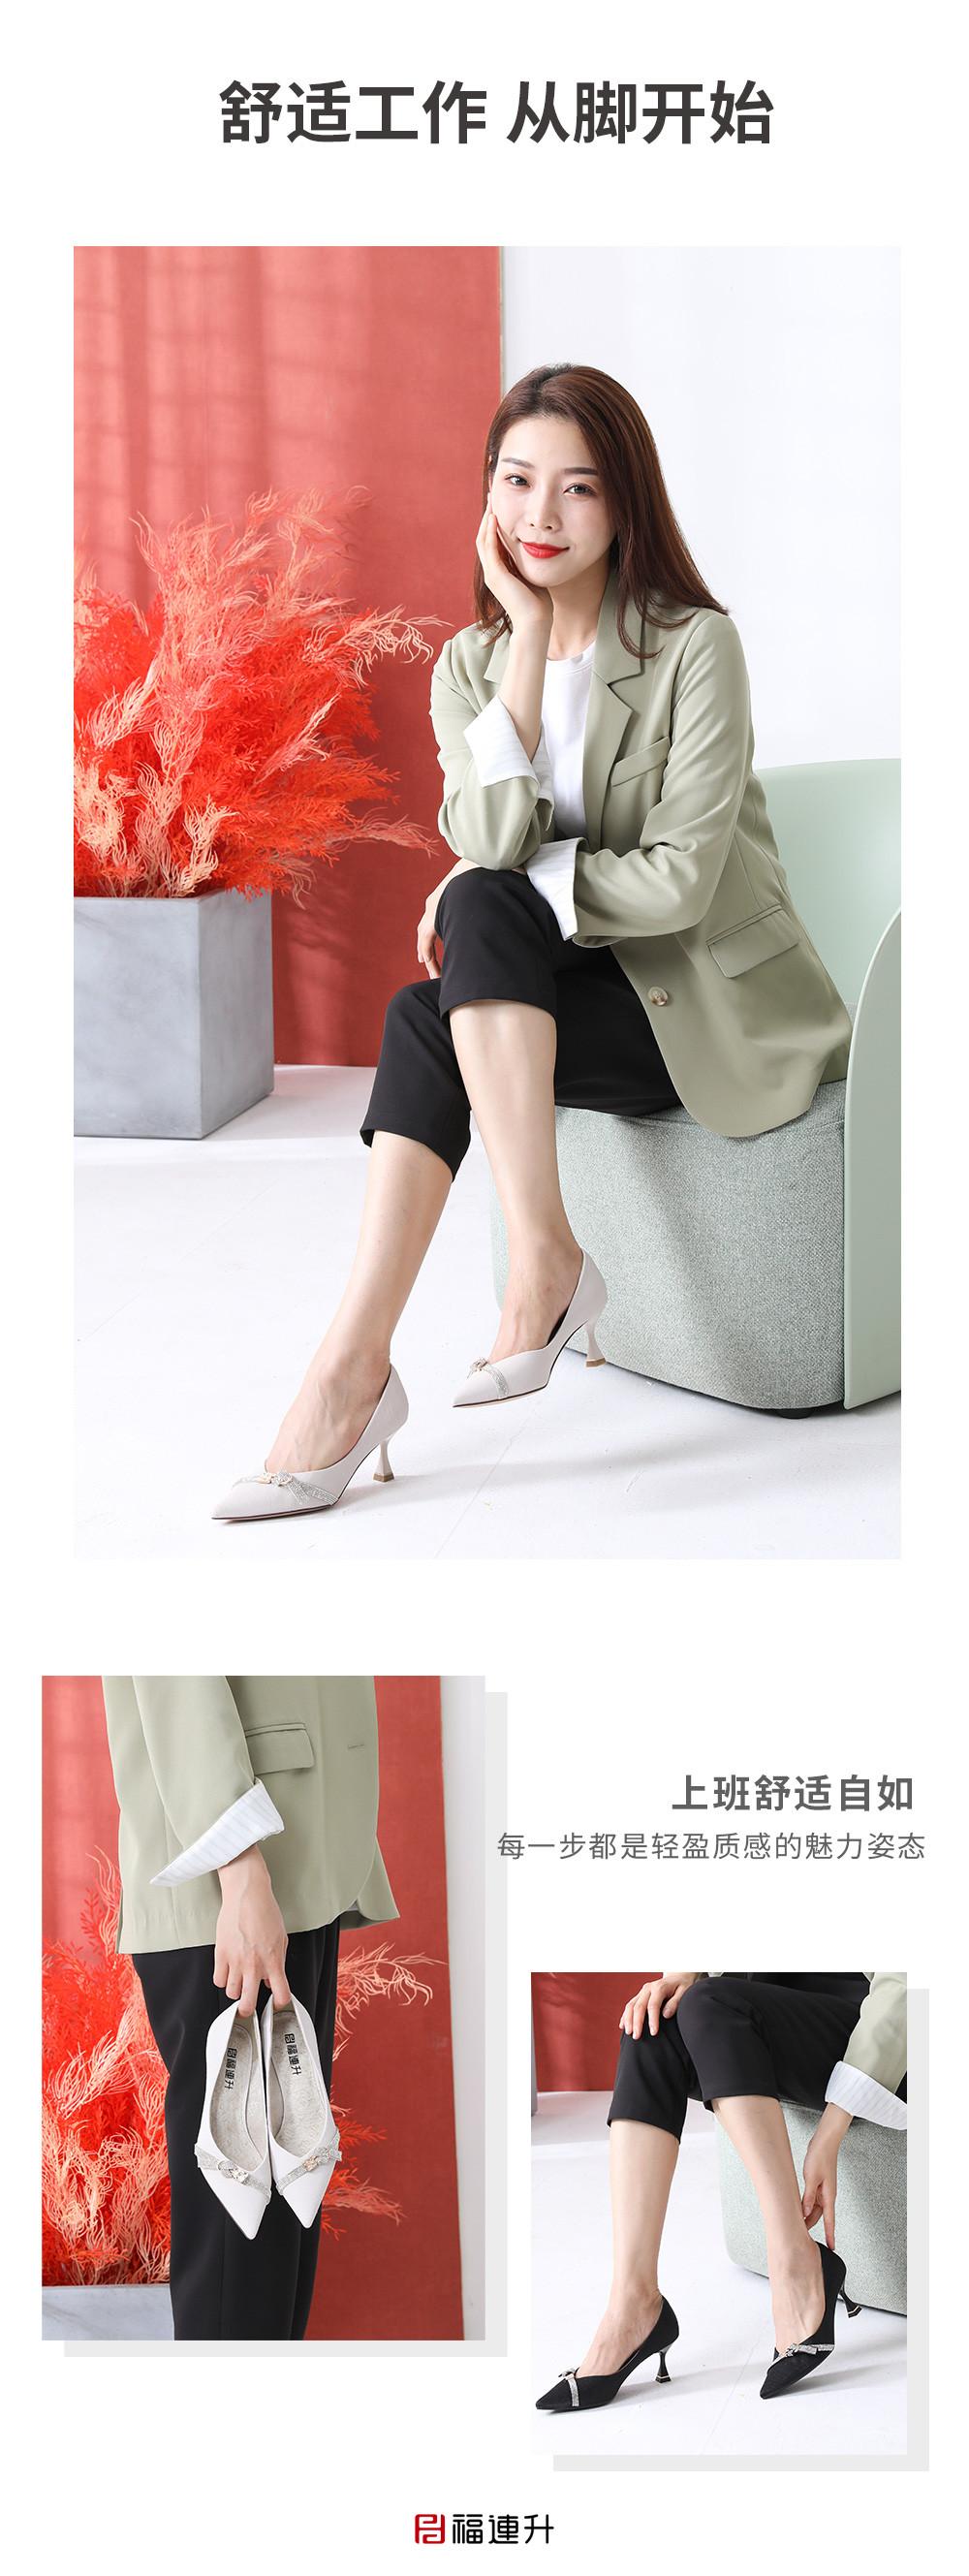 水钻单鞋女尖头高跟鞋时尚细跟仙女鞋百搭棉麻时装鞋图片